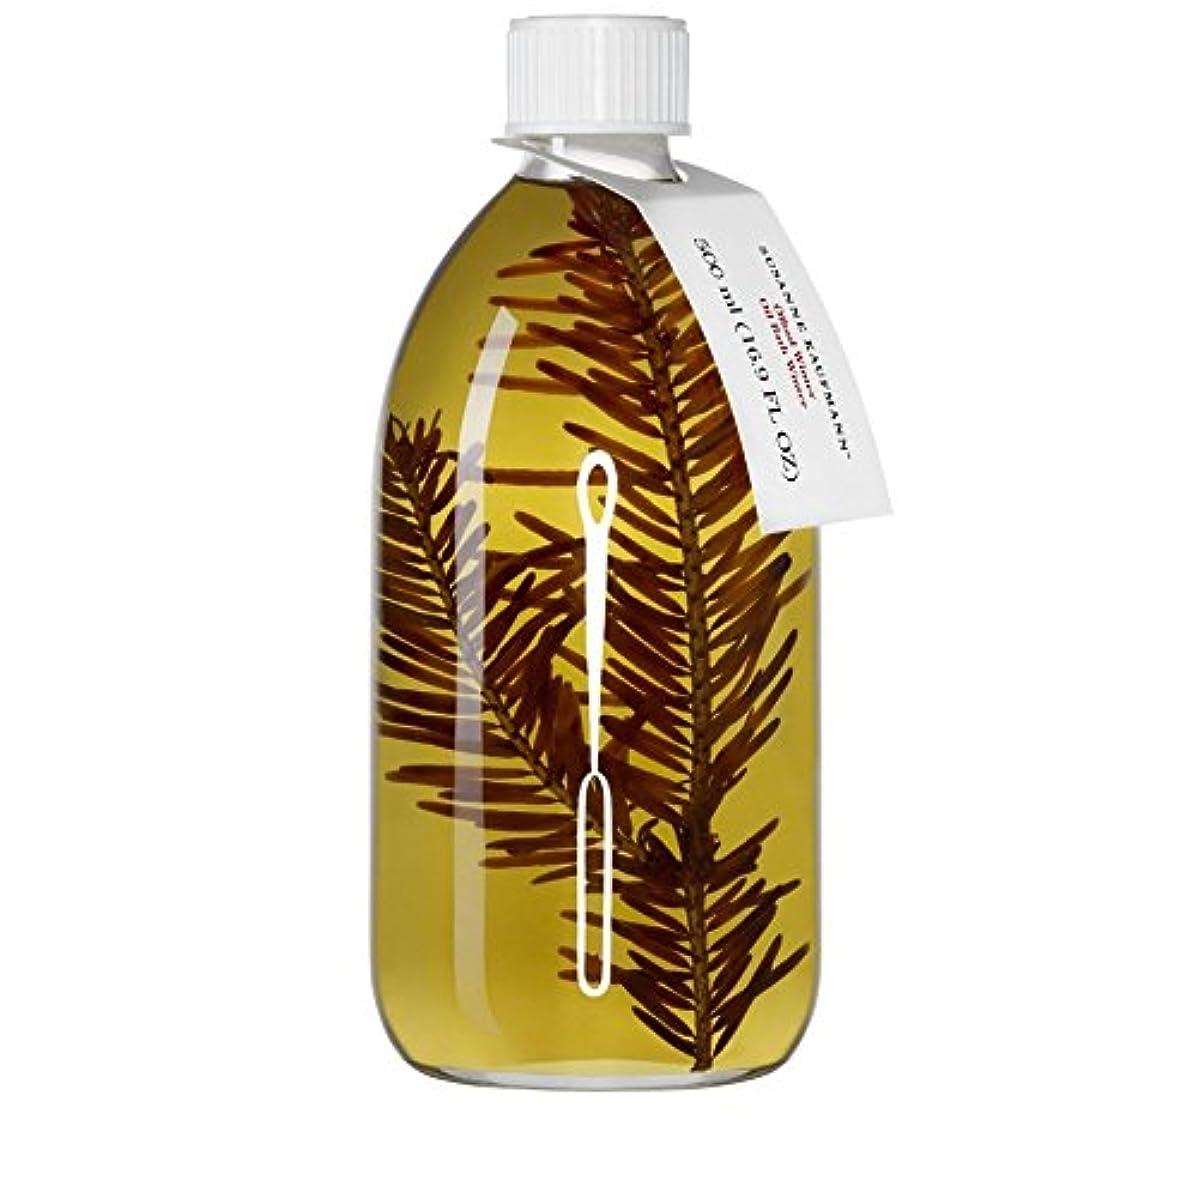 合理的損傷パースブラックボロウSusanne Kaufmann Oil Bath Winter 500ml - スザンヌカウフマン油浴冬の500ミリリットル [並行輸入品]